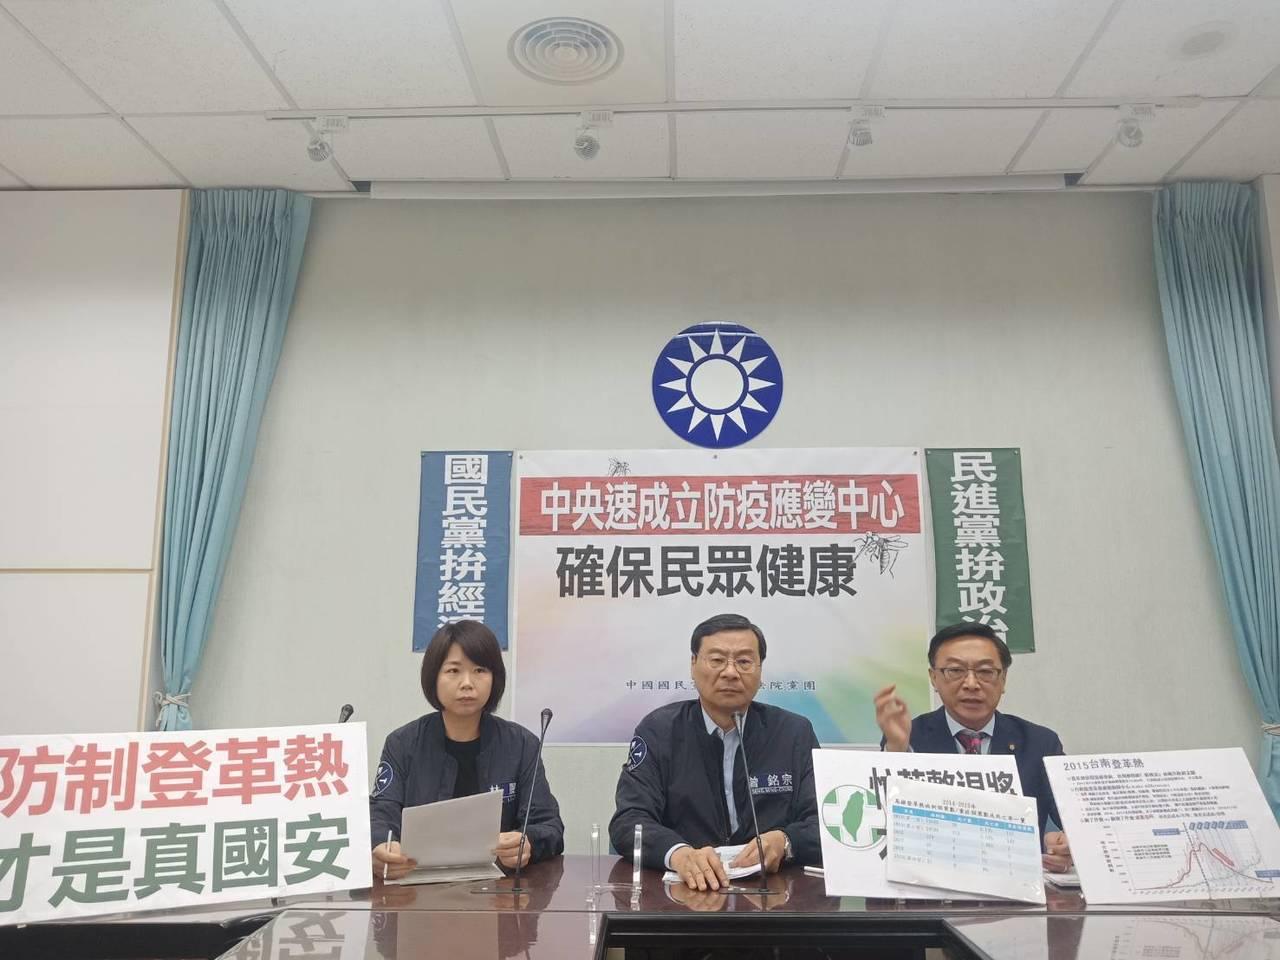 國民黨團舉行「中央速成立防疫應變中心 確保民眾健康」記者會。圖/國民黨團提供